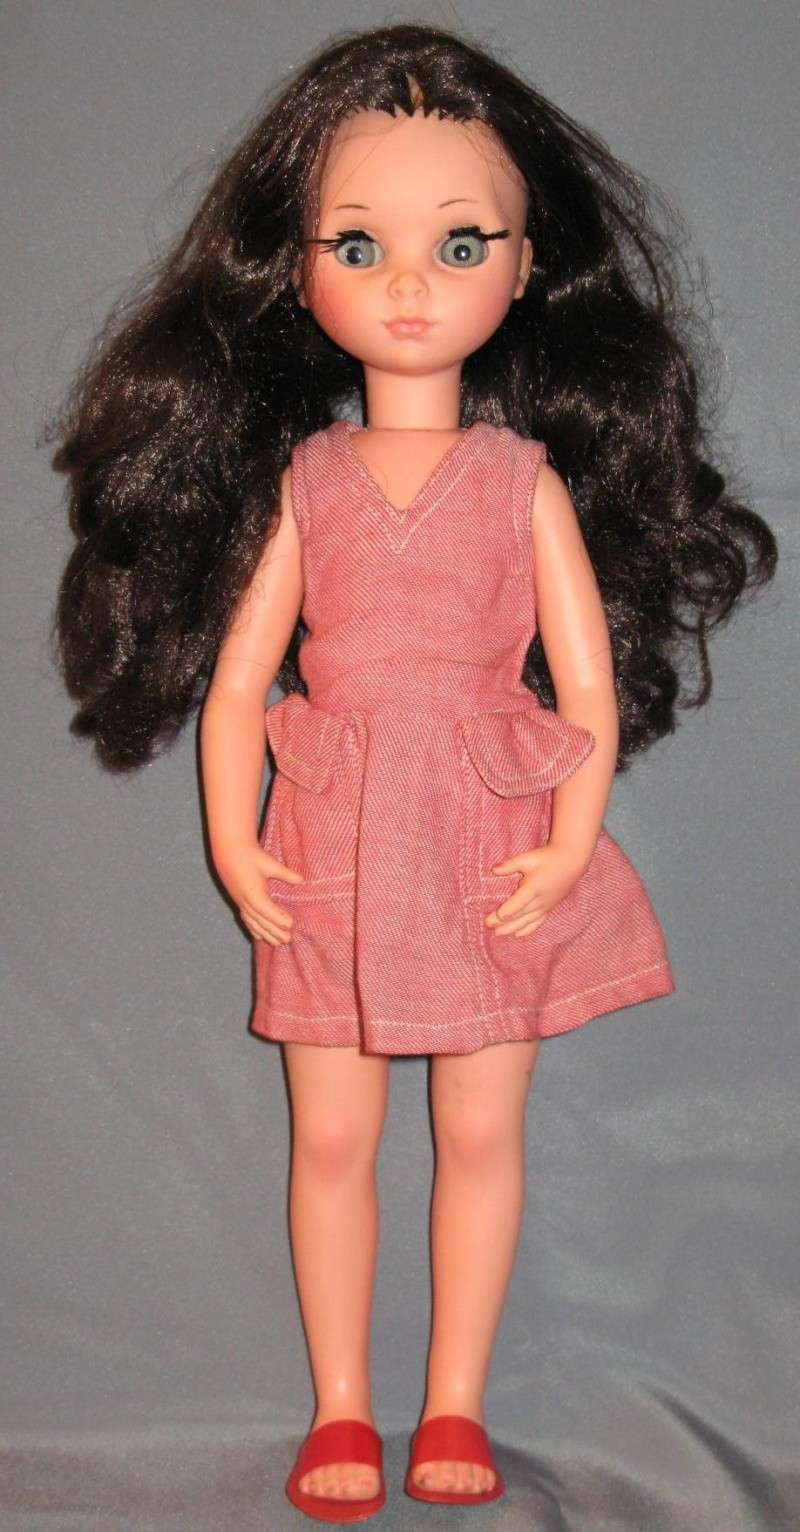 Cerco vecchie bambole furga bonomi sebino lenci ottolini etc for Cerco cose vecchie in regalo